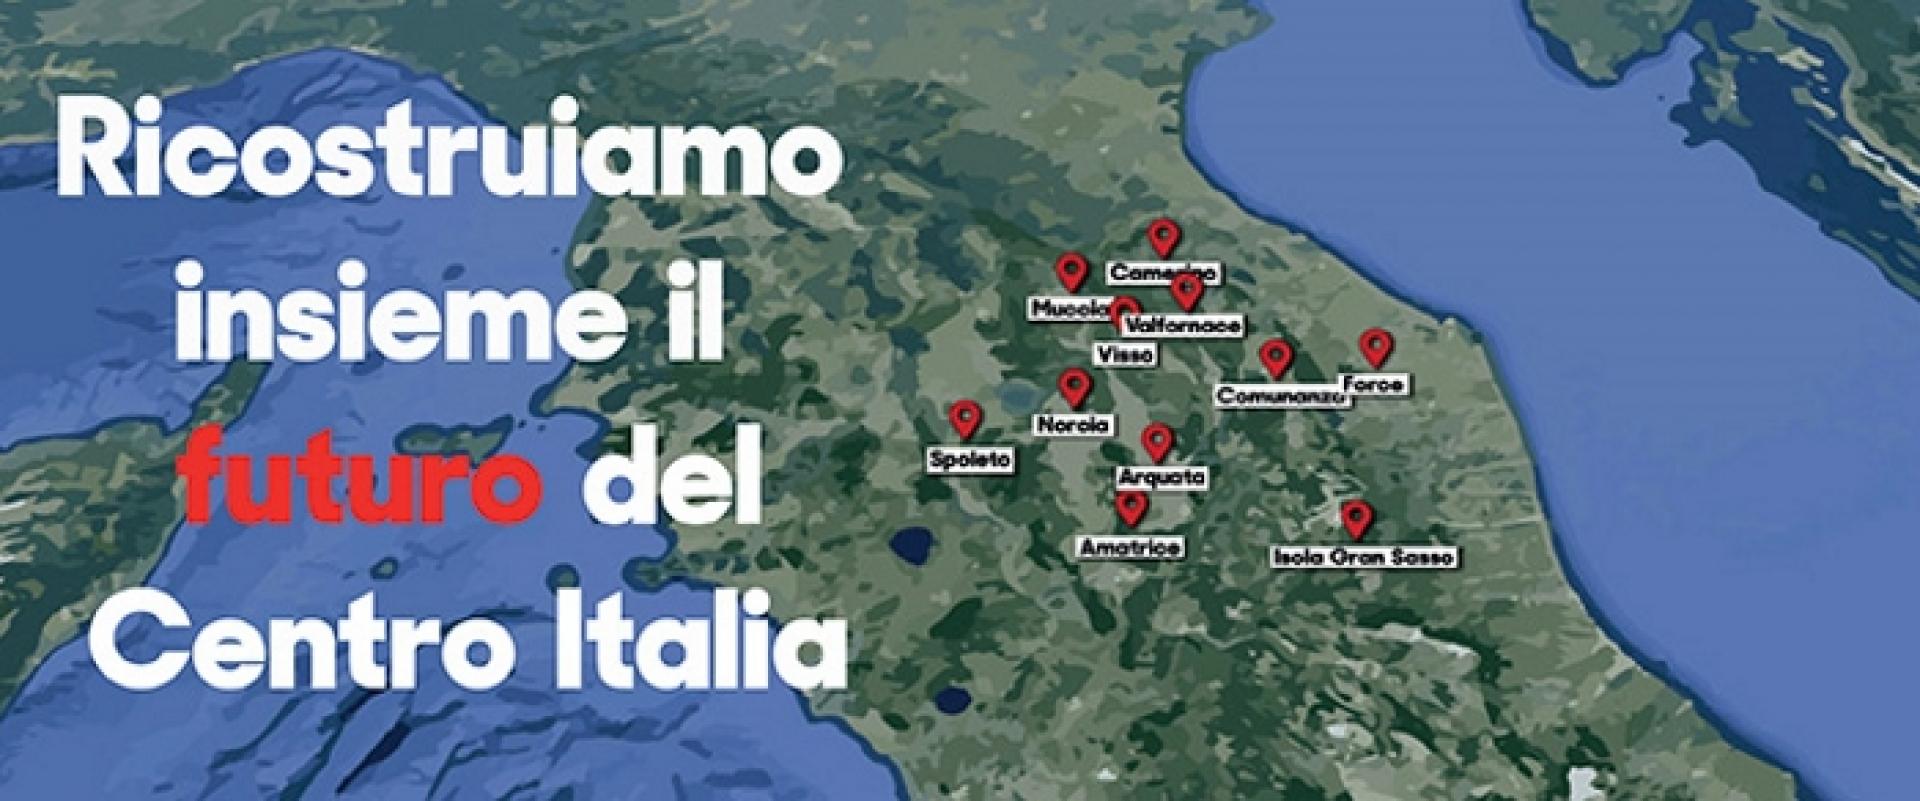 comuni centro italia